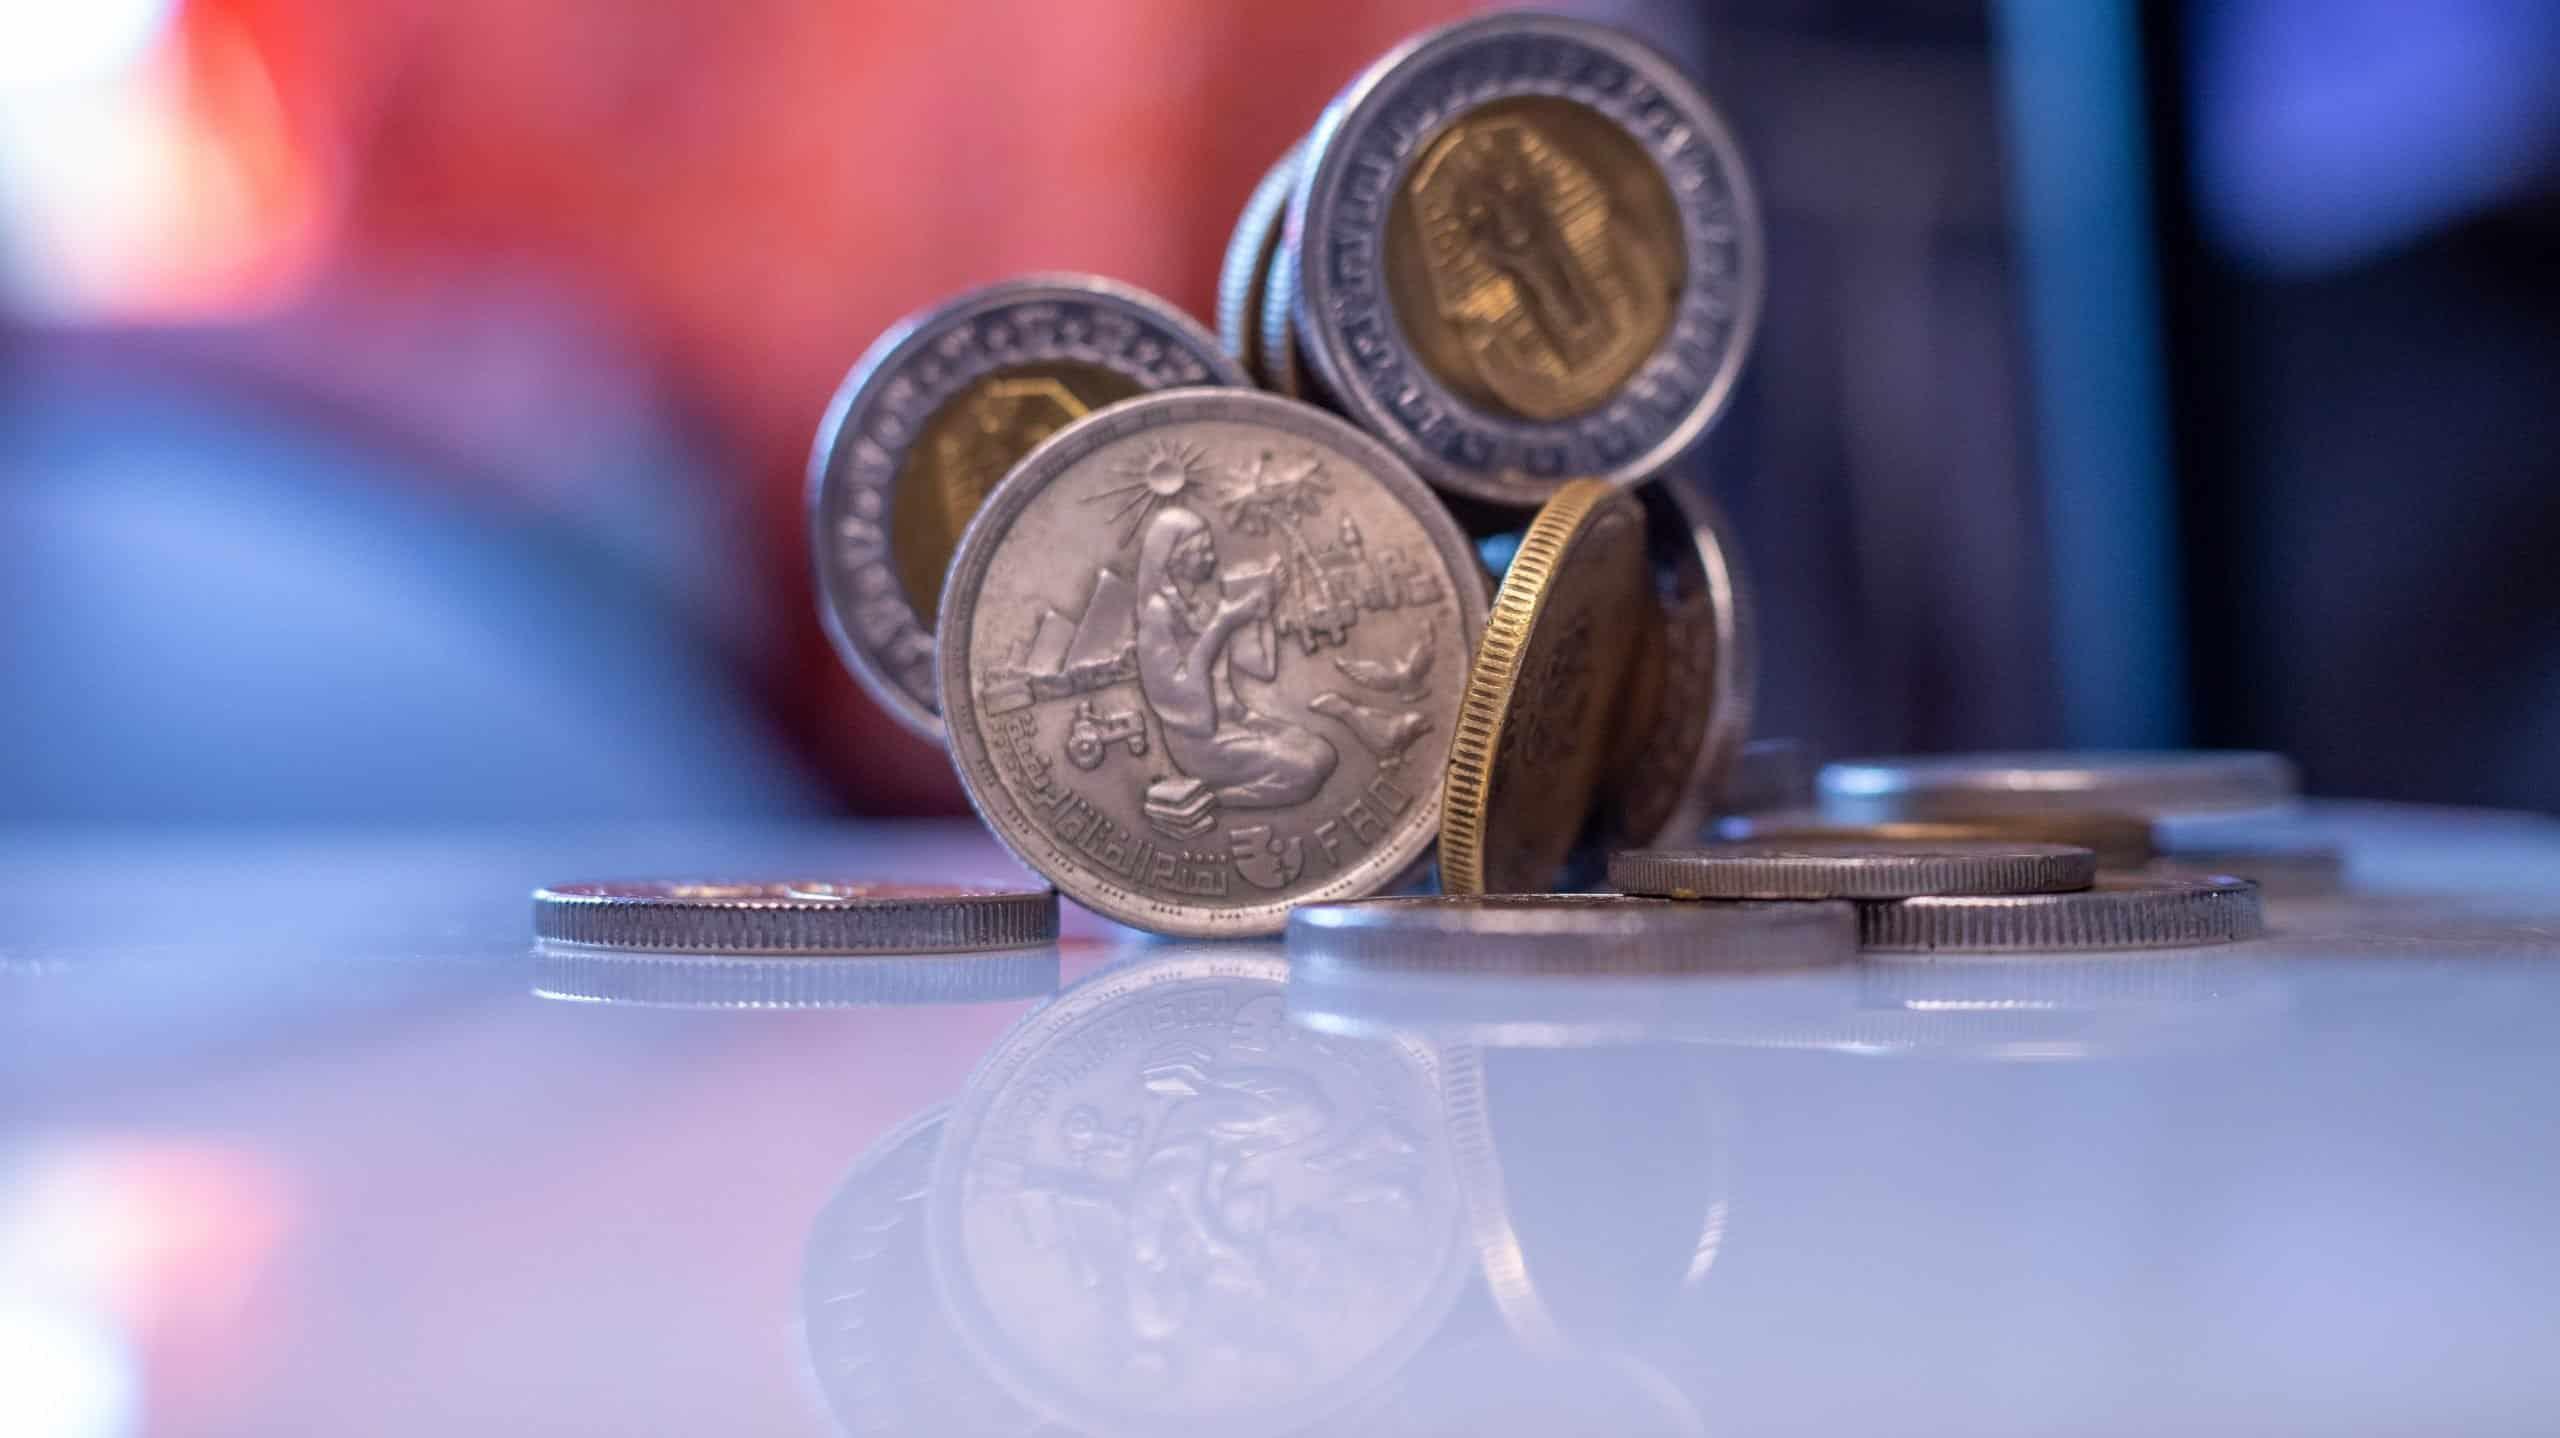 kā nopelnīt monētas video naudu ziņu padomnieks bināro opciju jautājumos